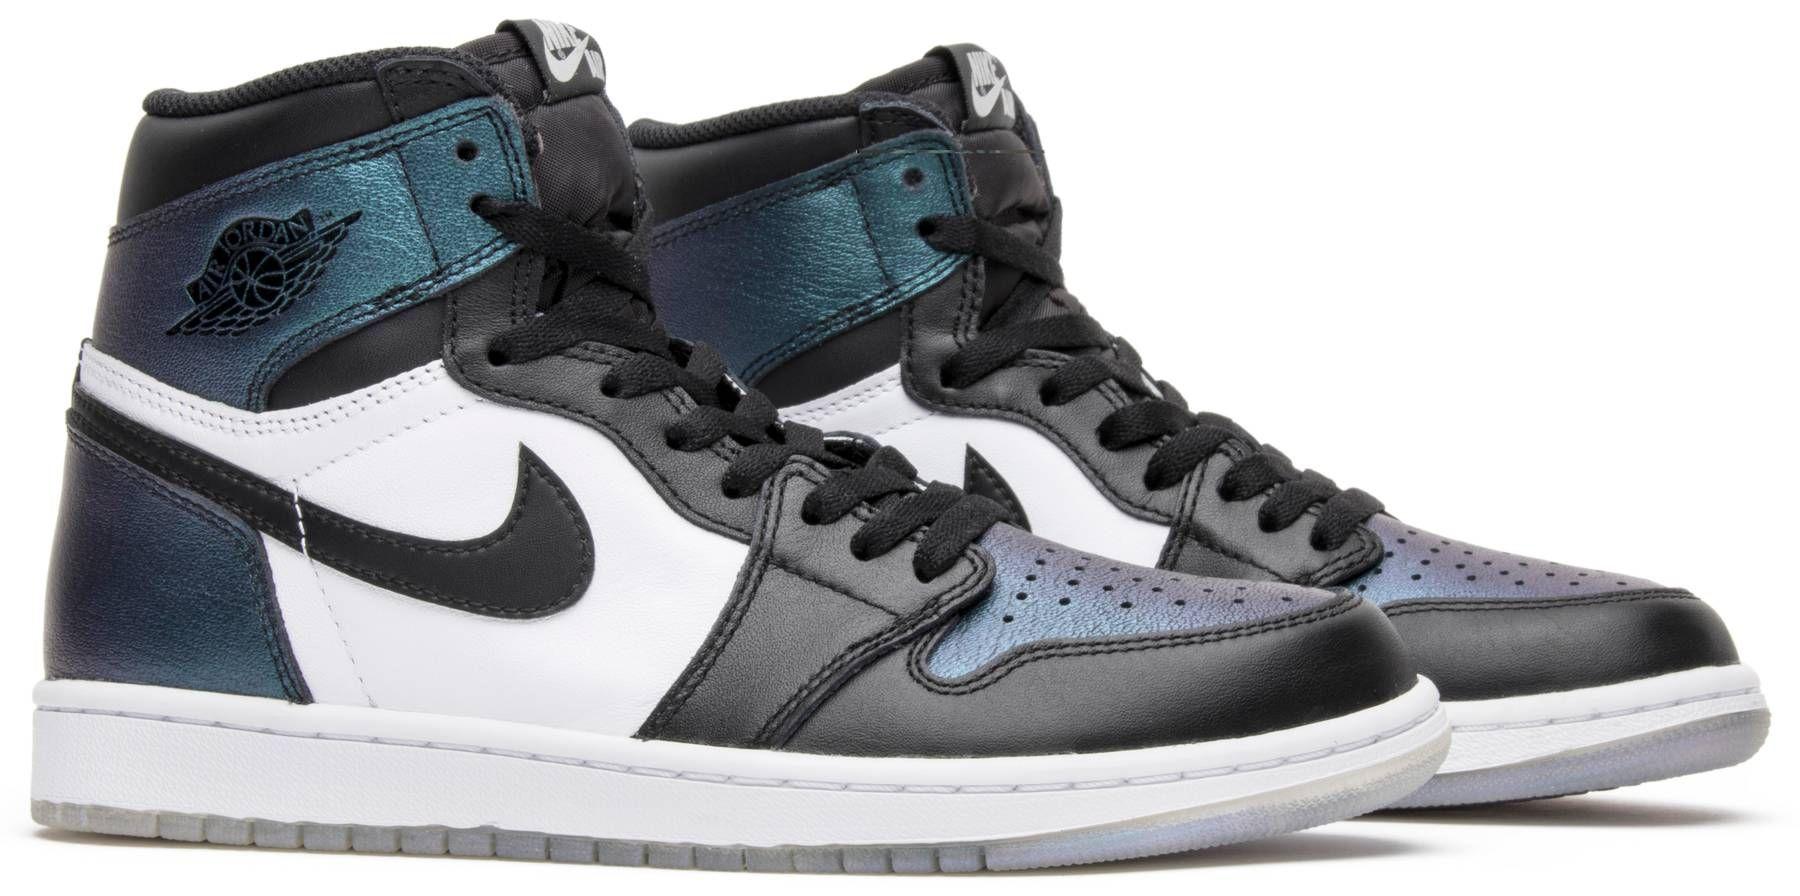 Buy Air Jordan 1 Retro High OG All Star - Chameleon Online at Shoeslix.com